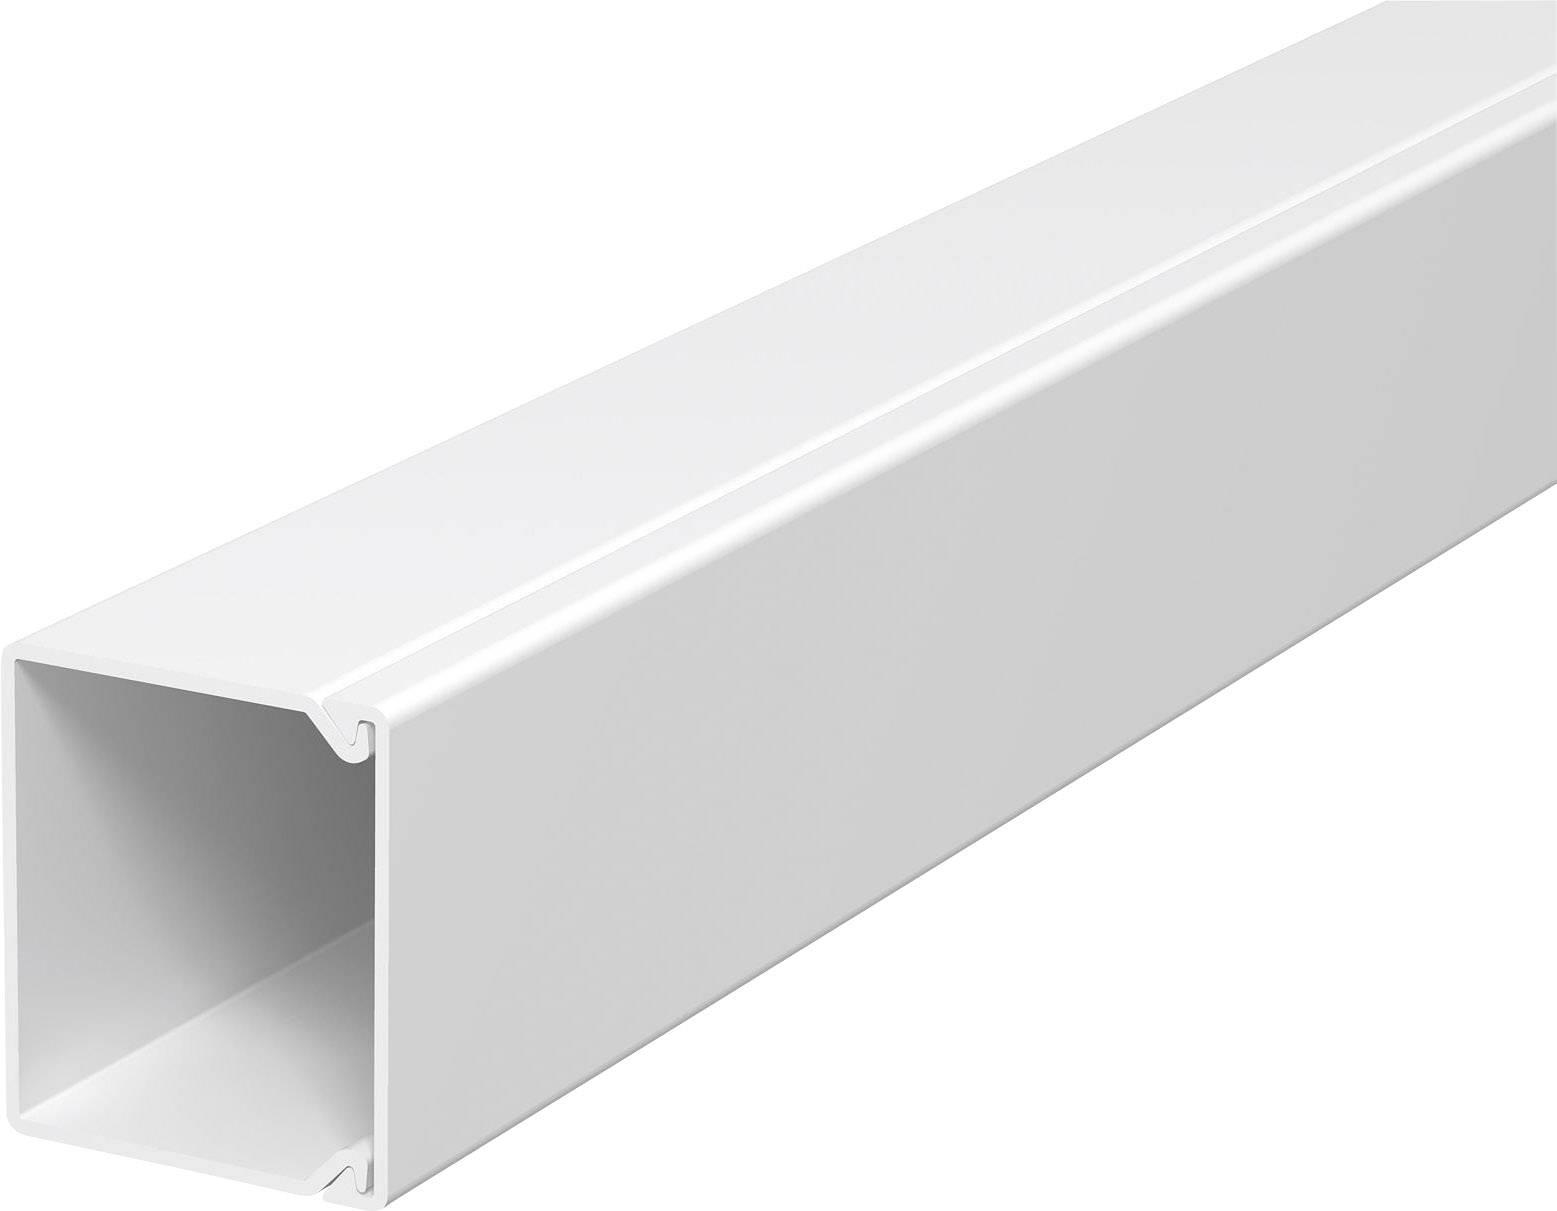 Káblová lišta OBO Bettermann 6189520, 2 m, sivá